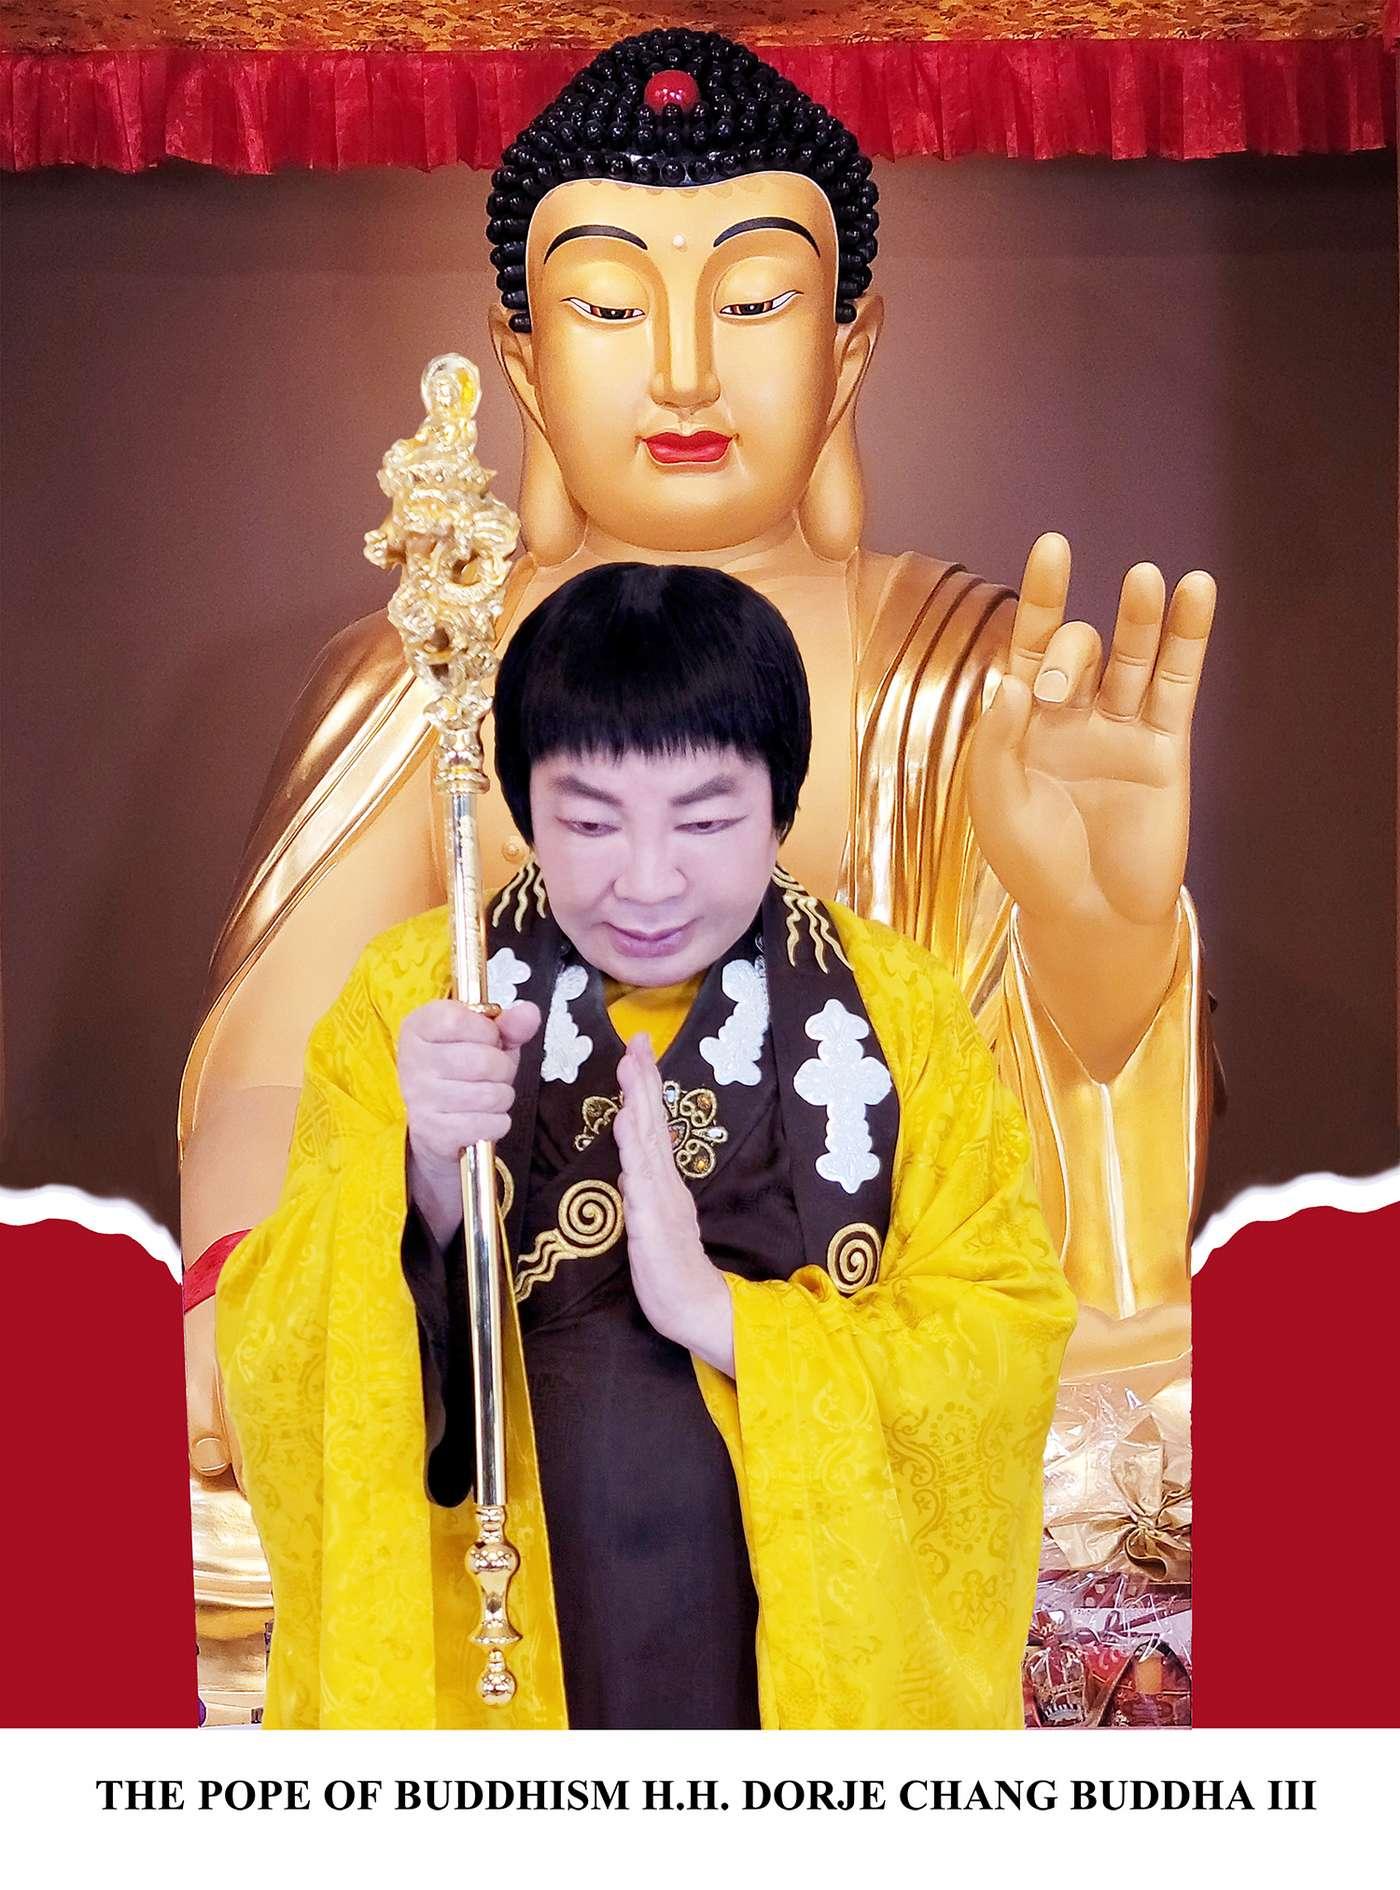 世界佛教教皇 – 南无第三世多杰羌佛 第1张